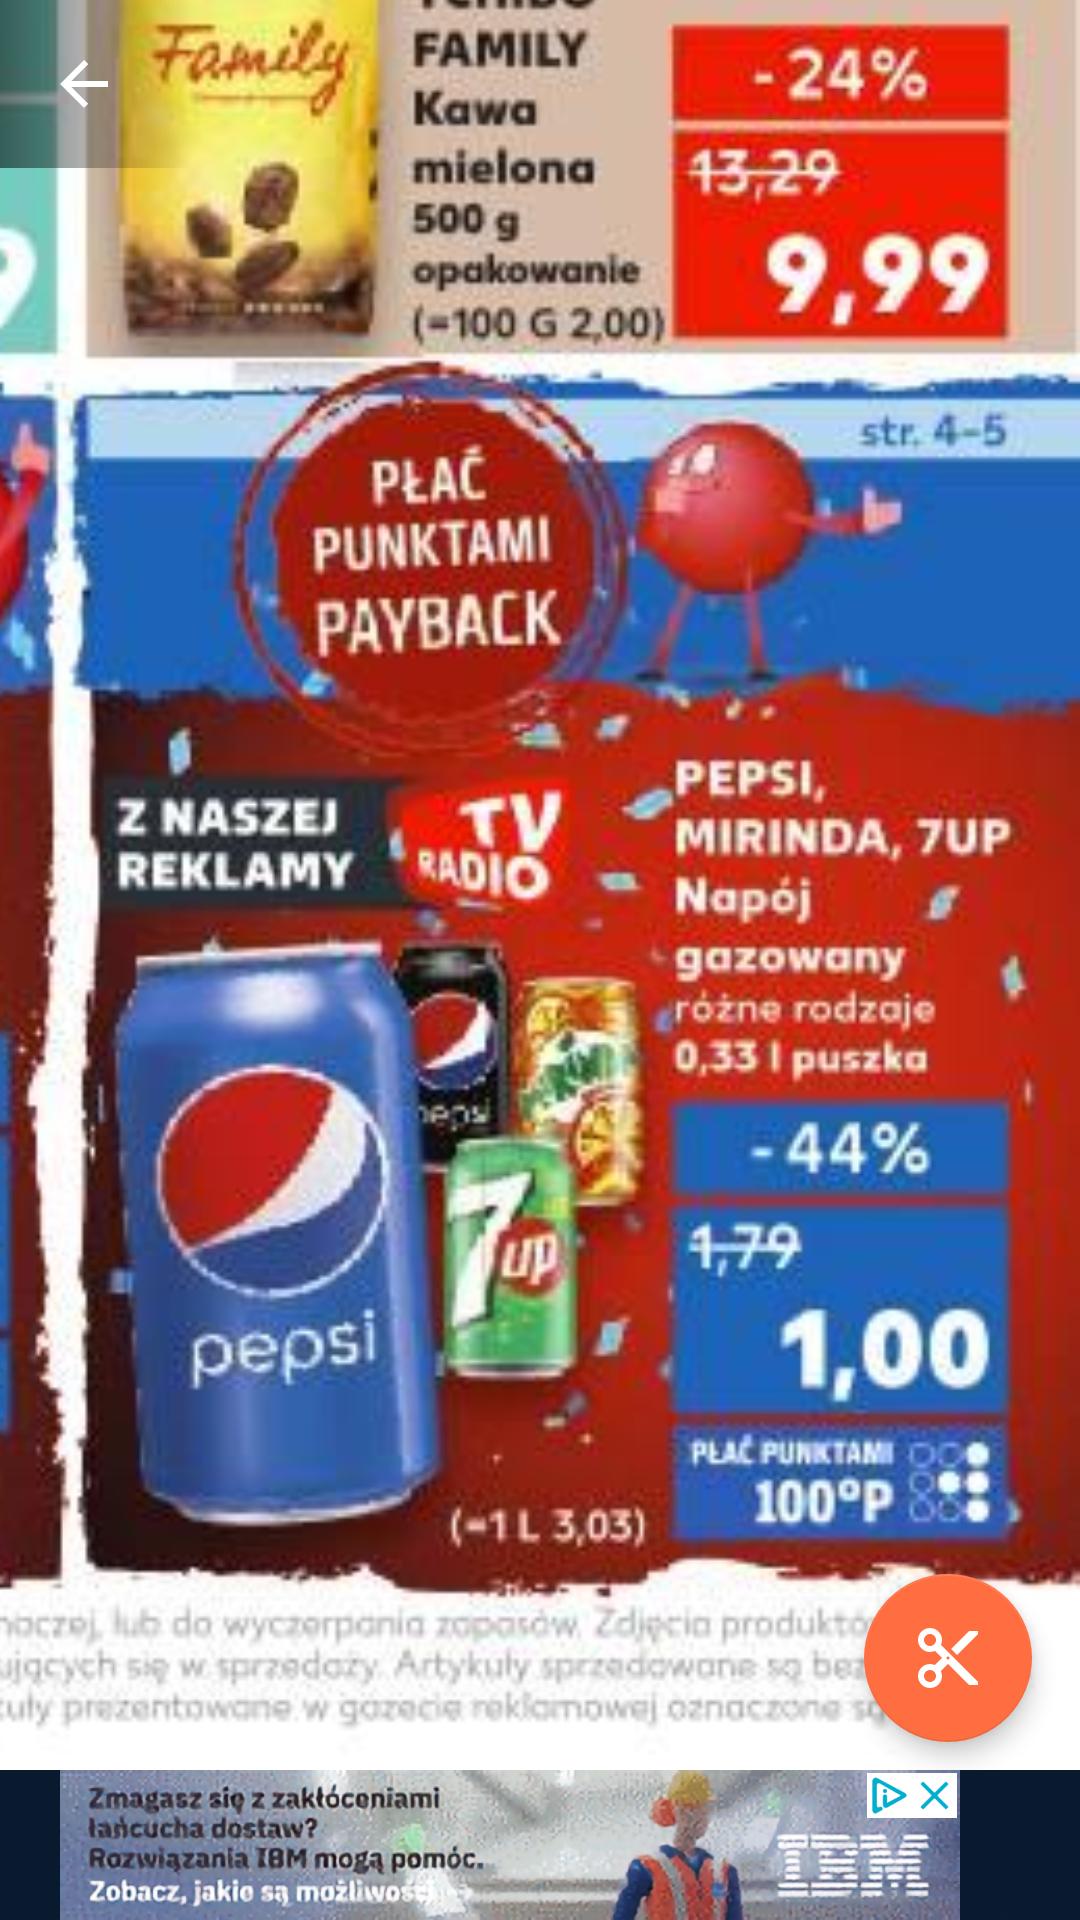 Puszka Pepsi,Mirinda,7up za 1zł w Kauflandzie